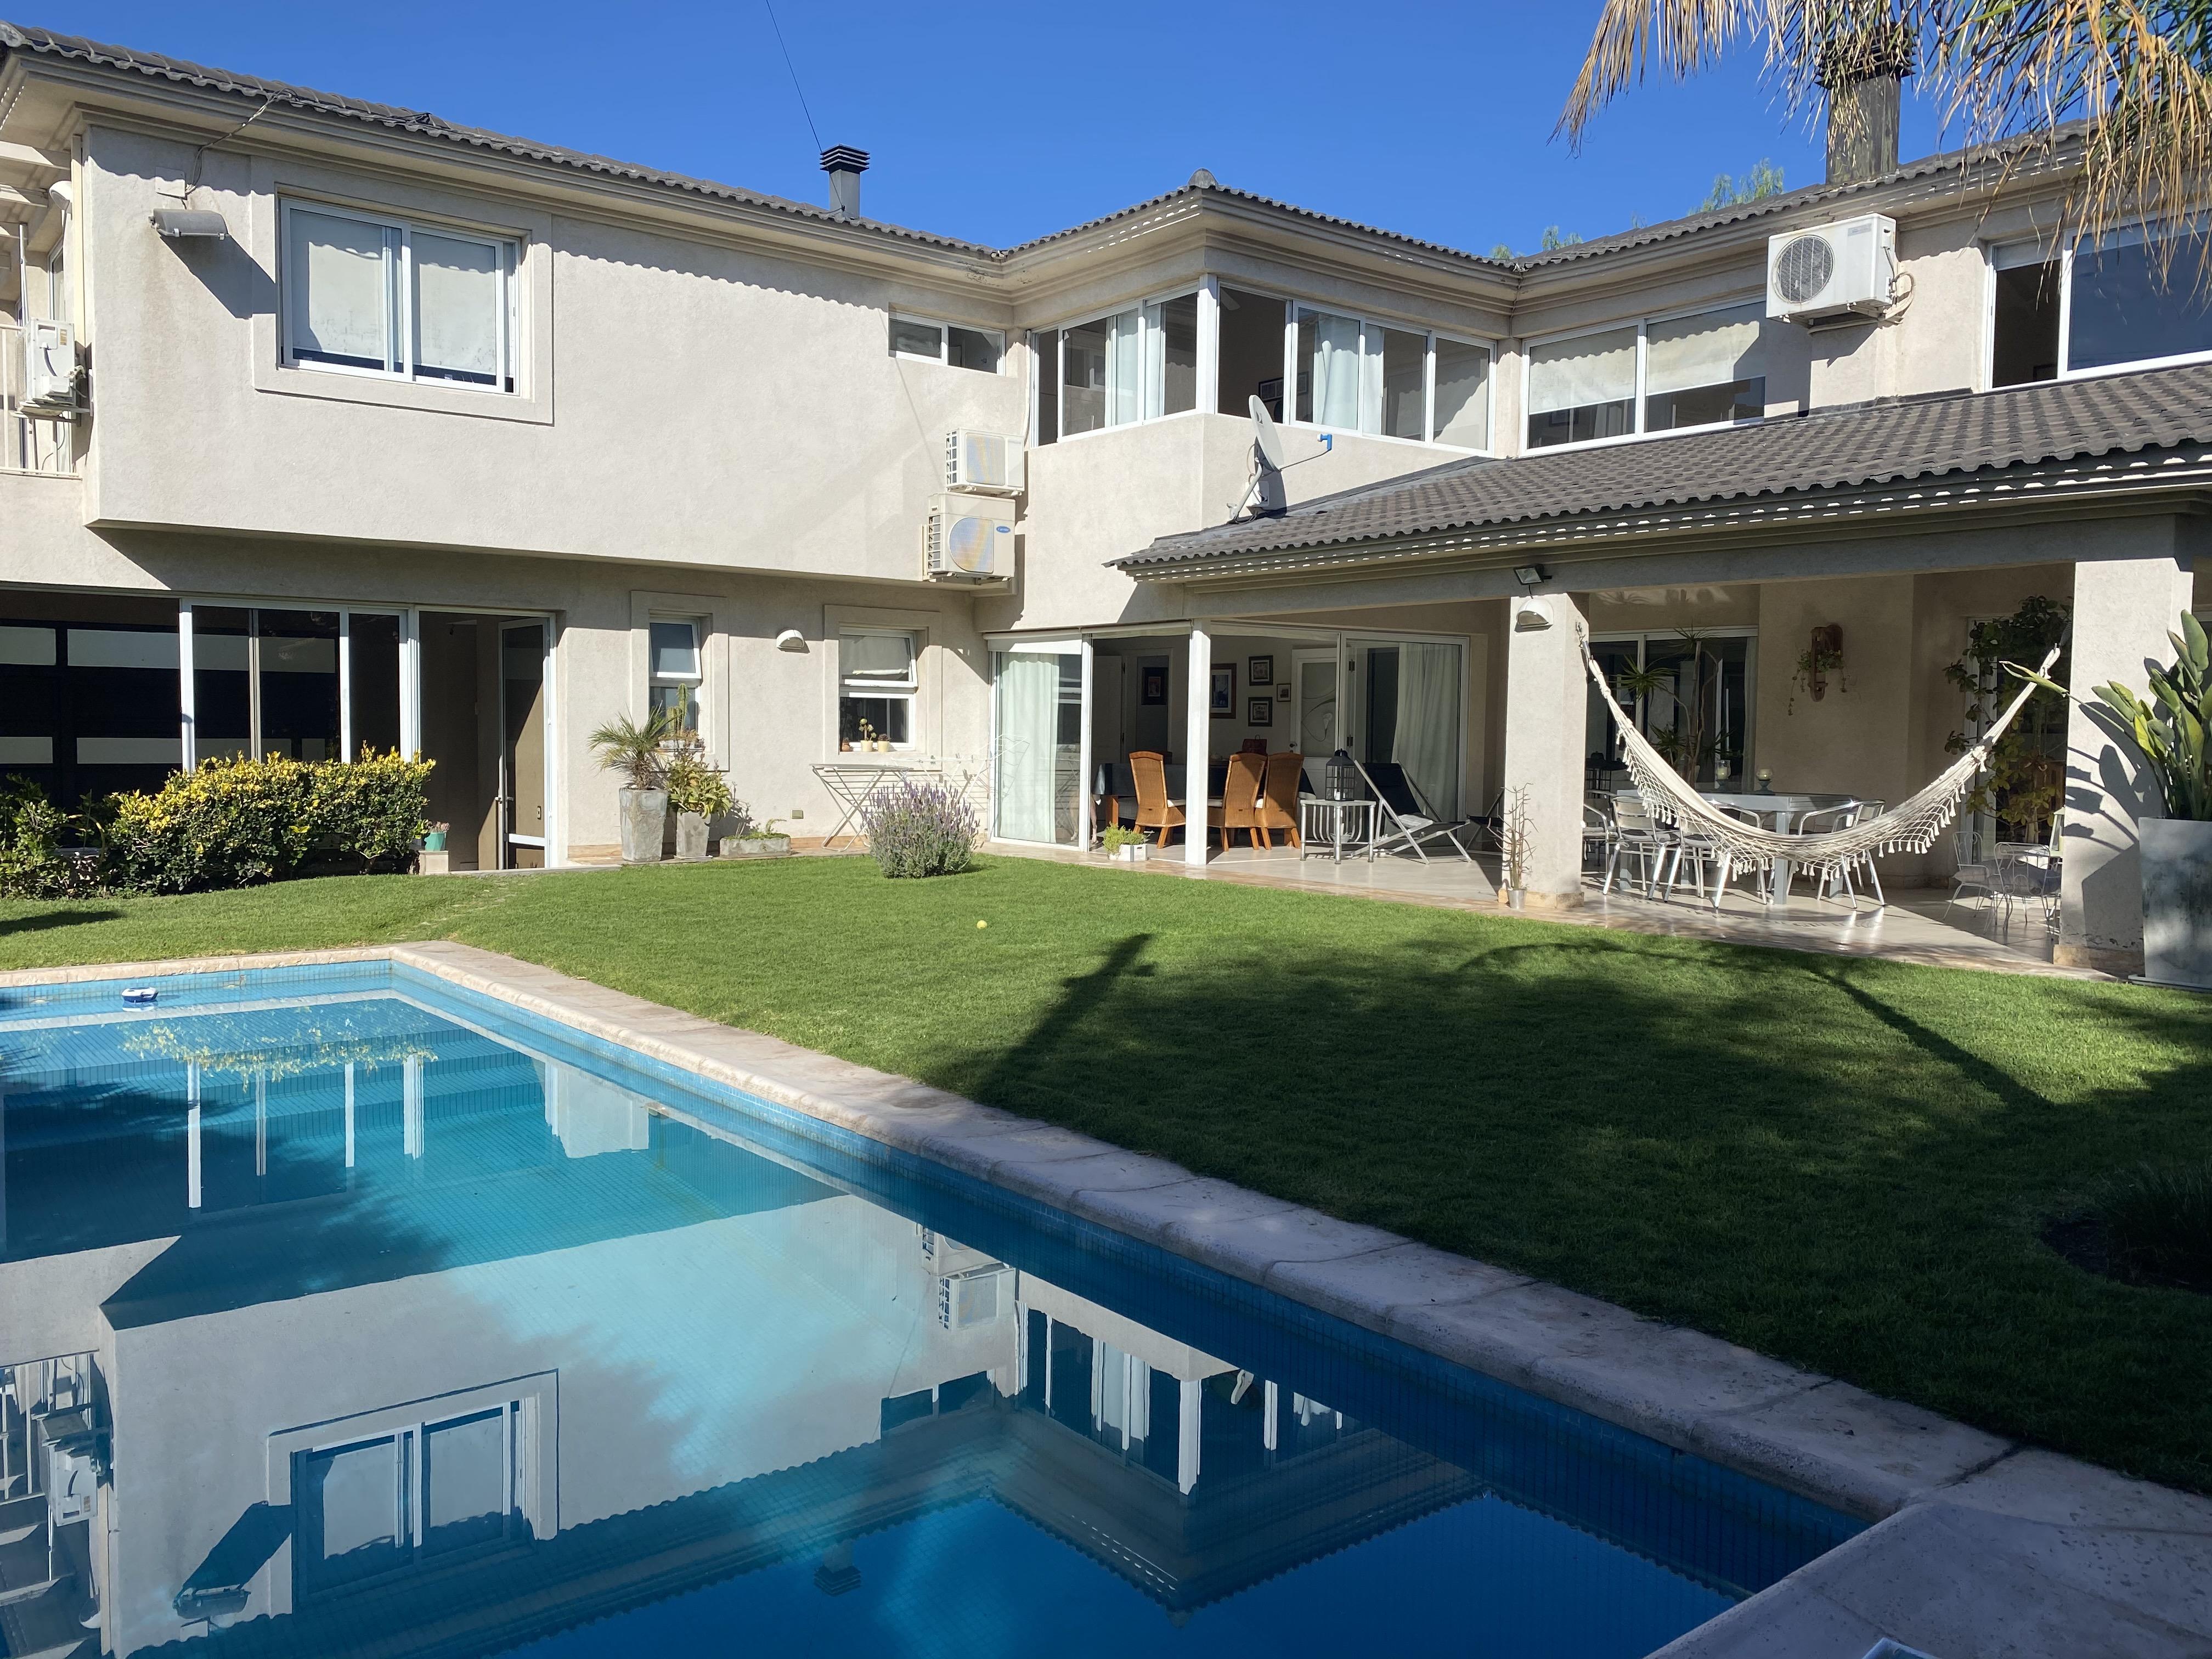 Casa en venta Dalvian